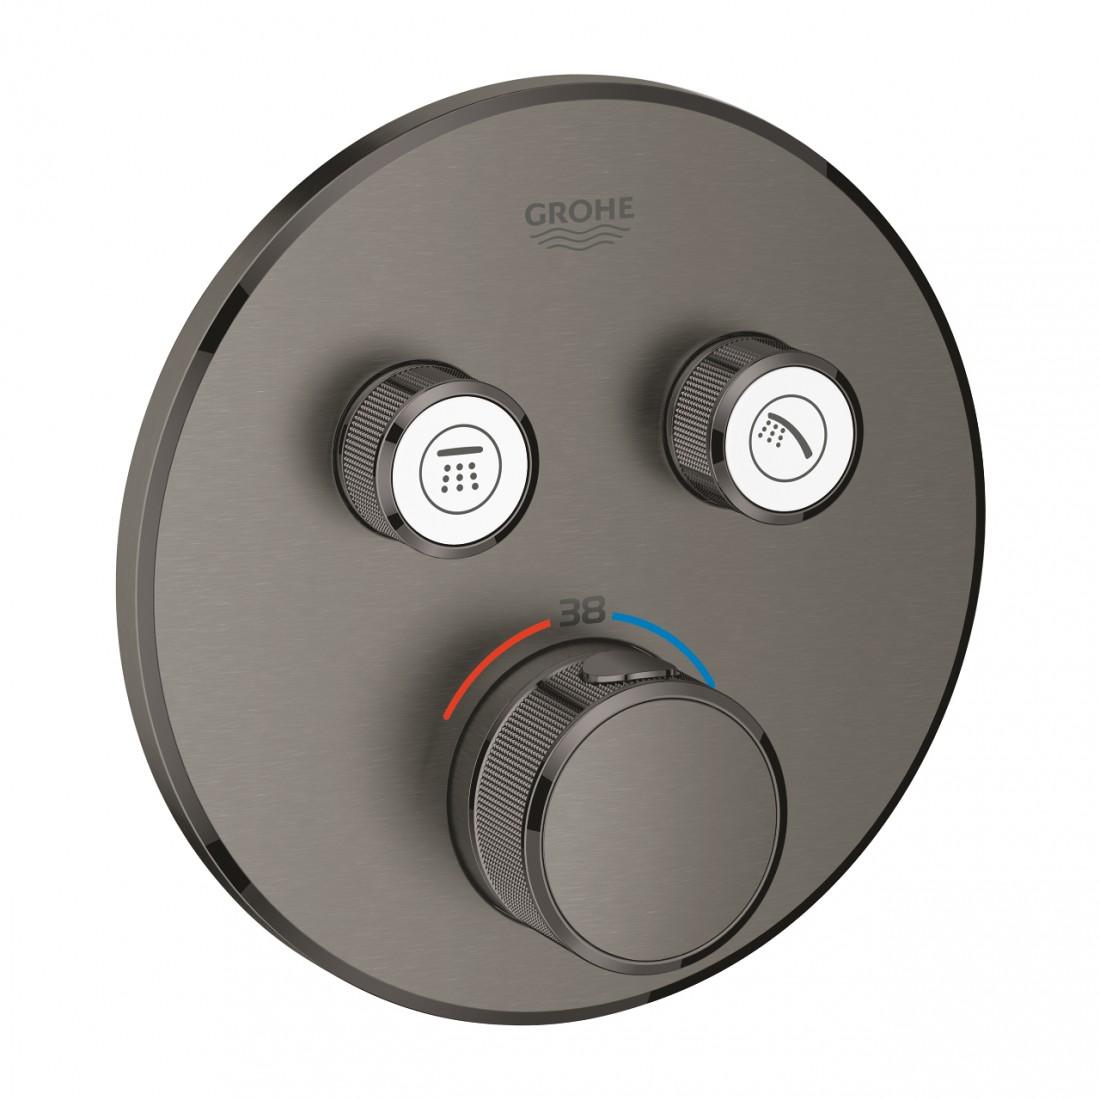 Virštinkinė dušo maišytuvo dalis SmartControl 2 ištekėjimo jungtys, grafito spalva